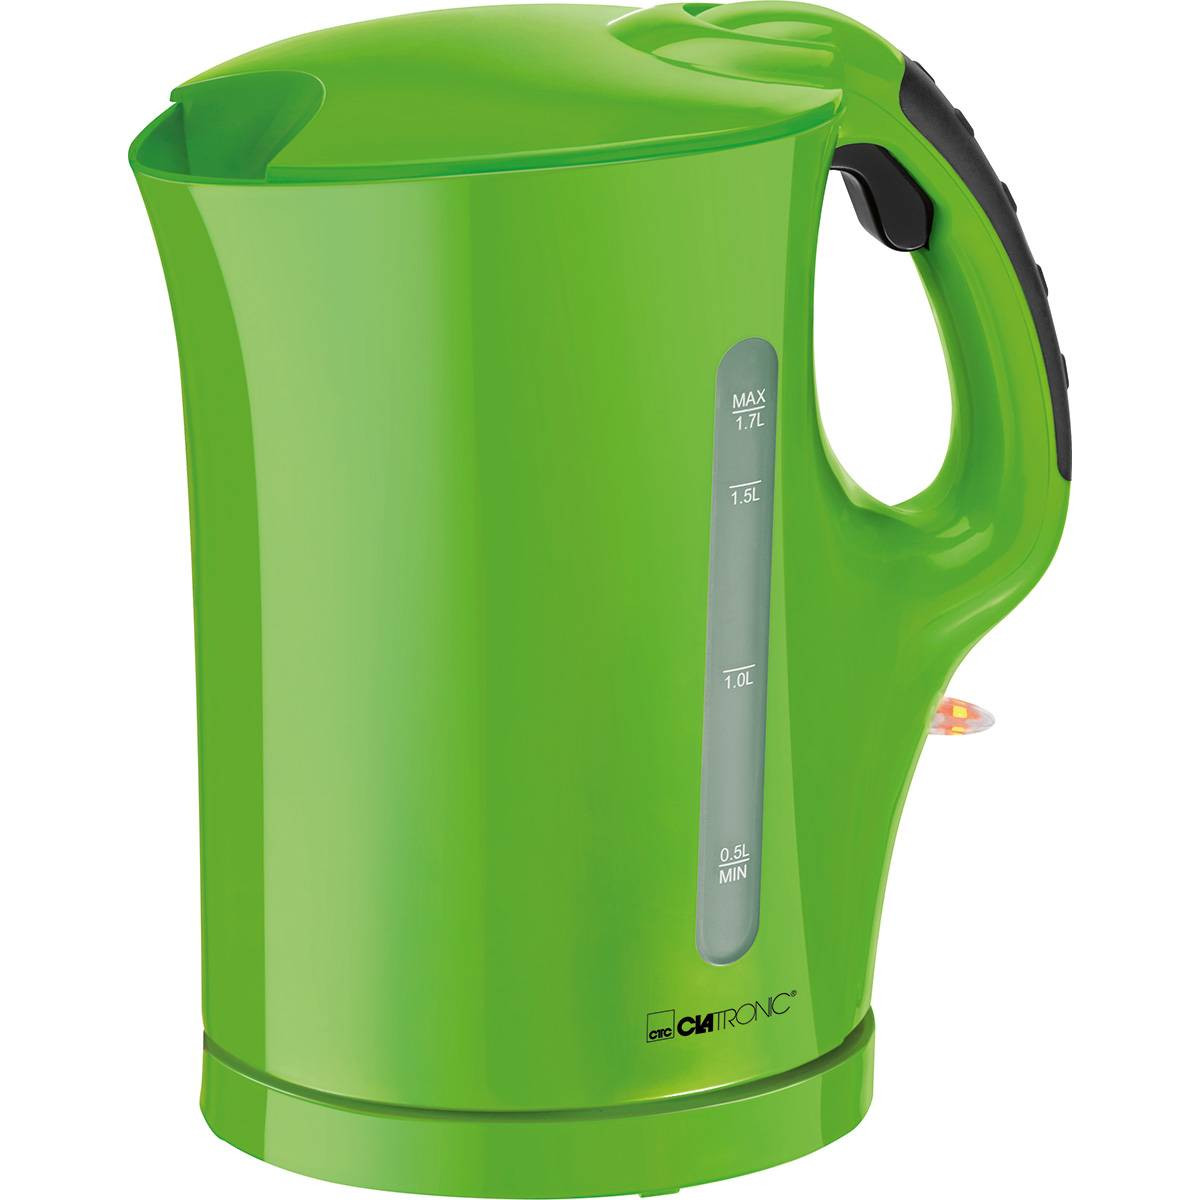 Clatronic WK 3445 - Hervidor de agua eléctrico, capacidad de 1,7 l, 2200 W, color verde